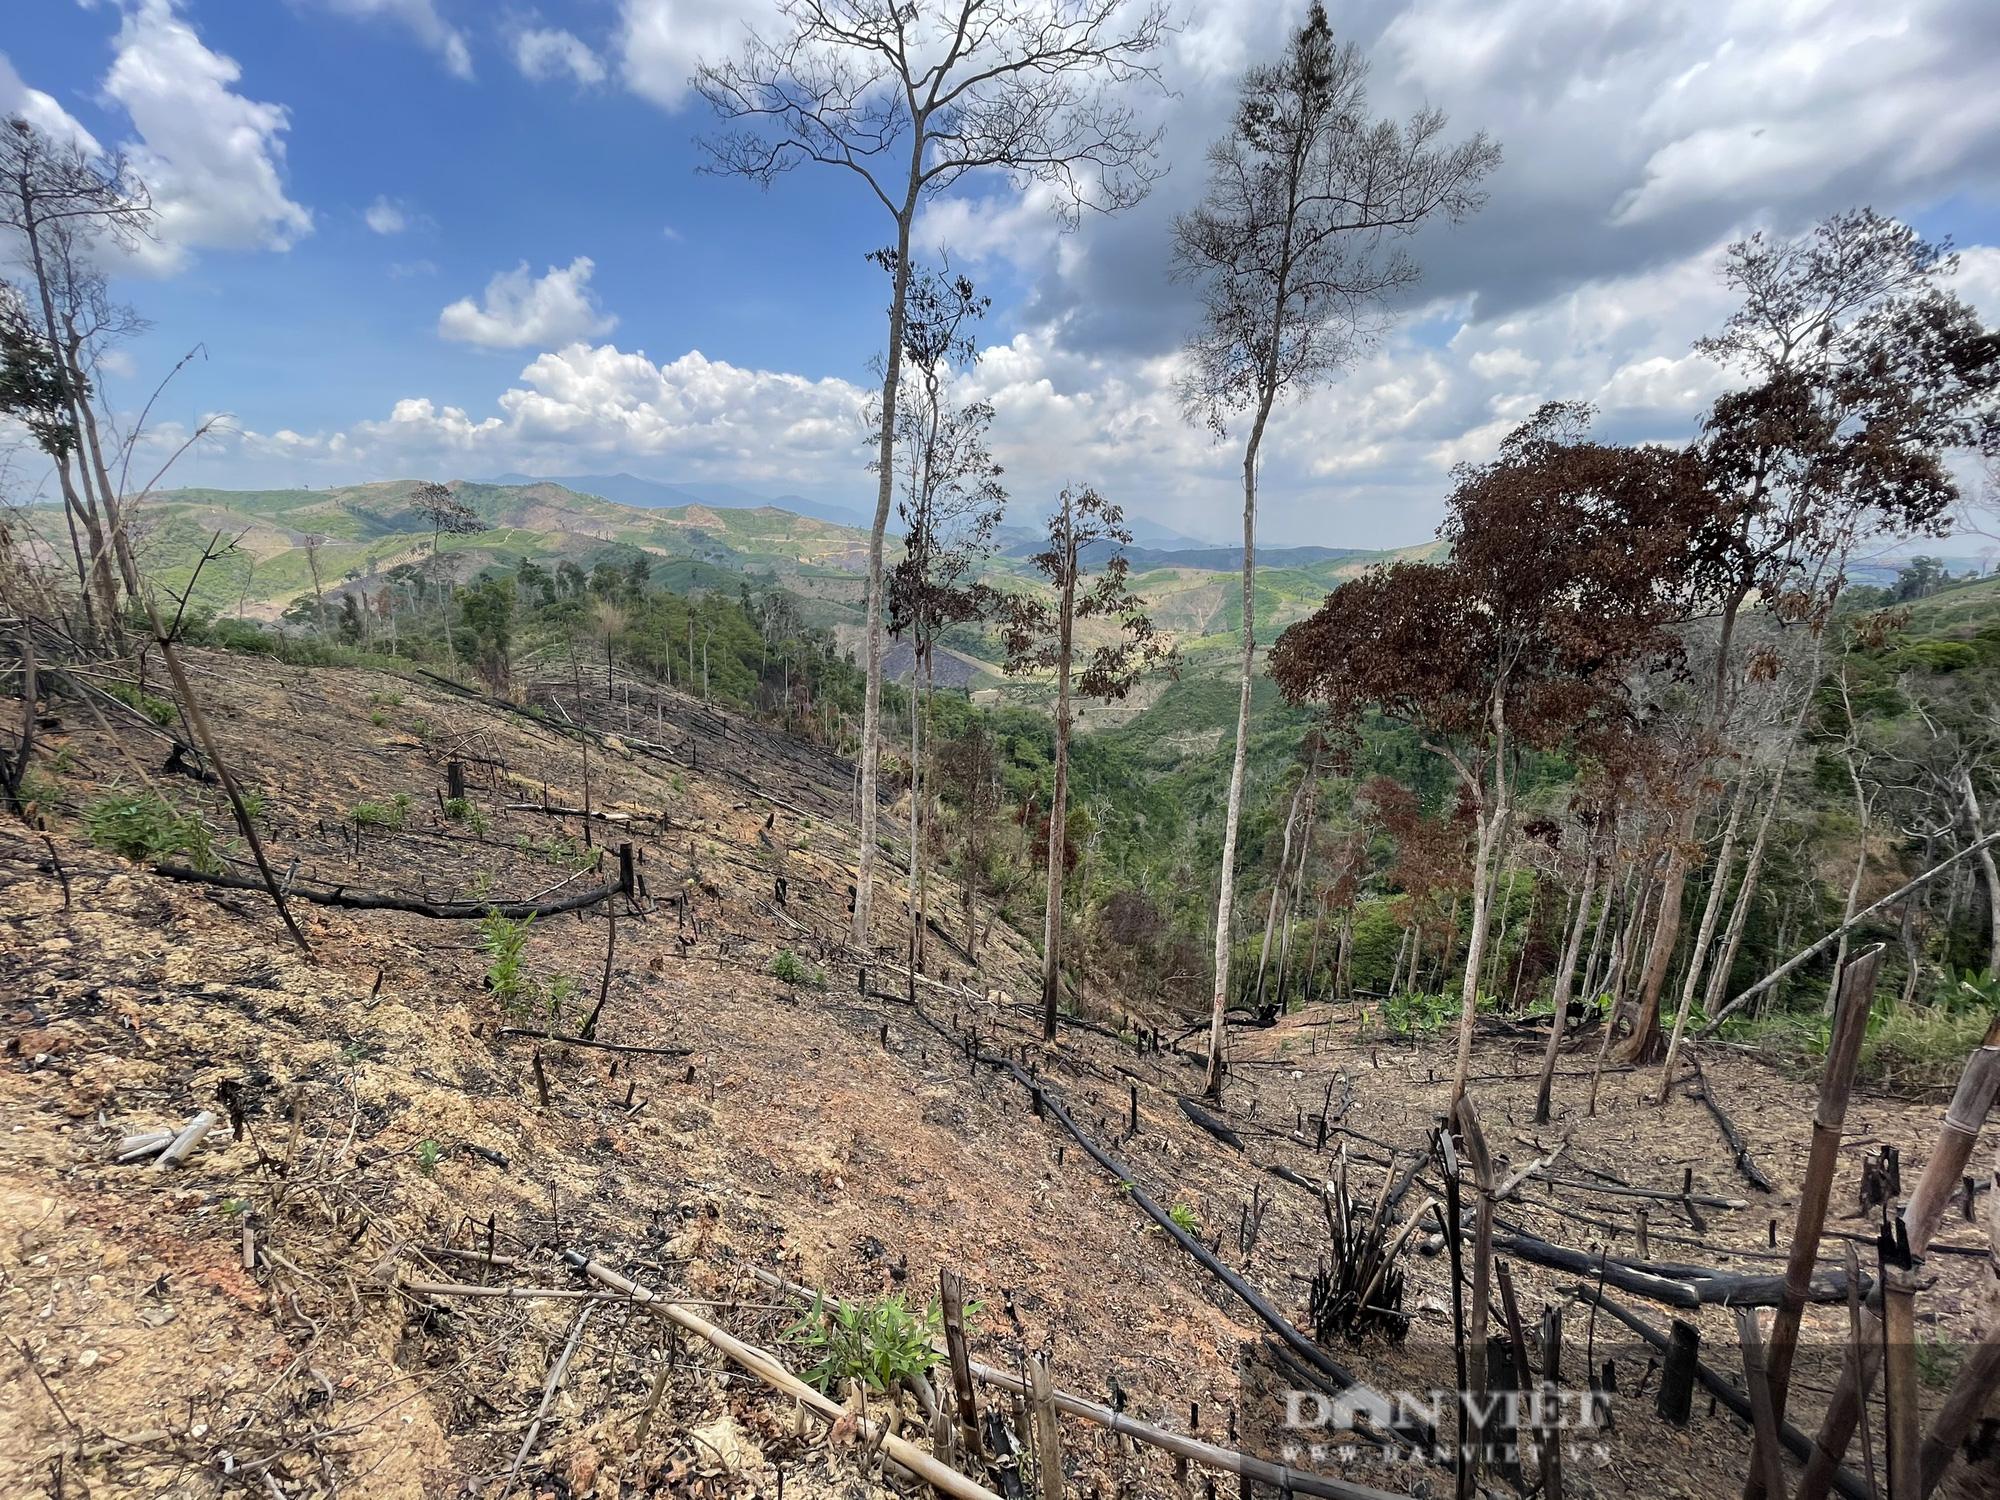 Công ty lâm nghiệp Krông Bông (Đắk Lắk): Rừng bị phá tan hoang, lãnh đạo mất đoàn kết  - Ảnh 10.